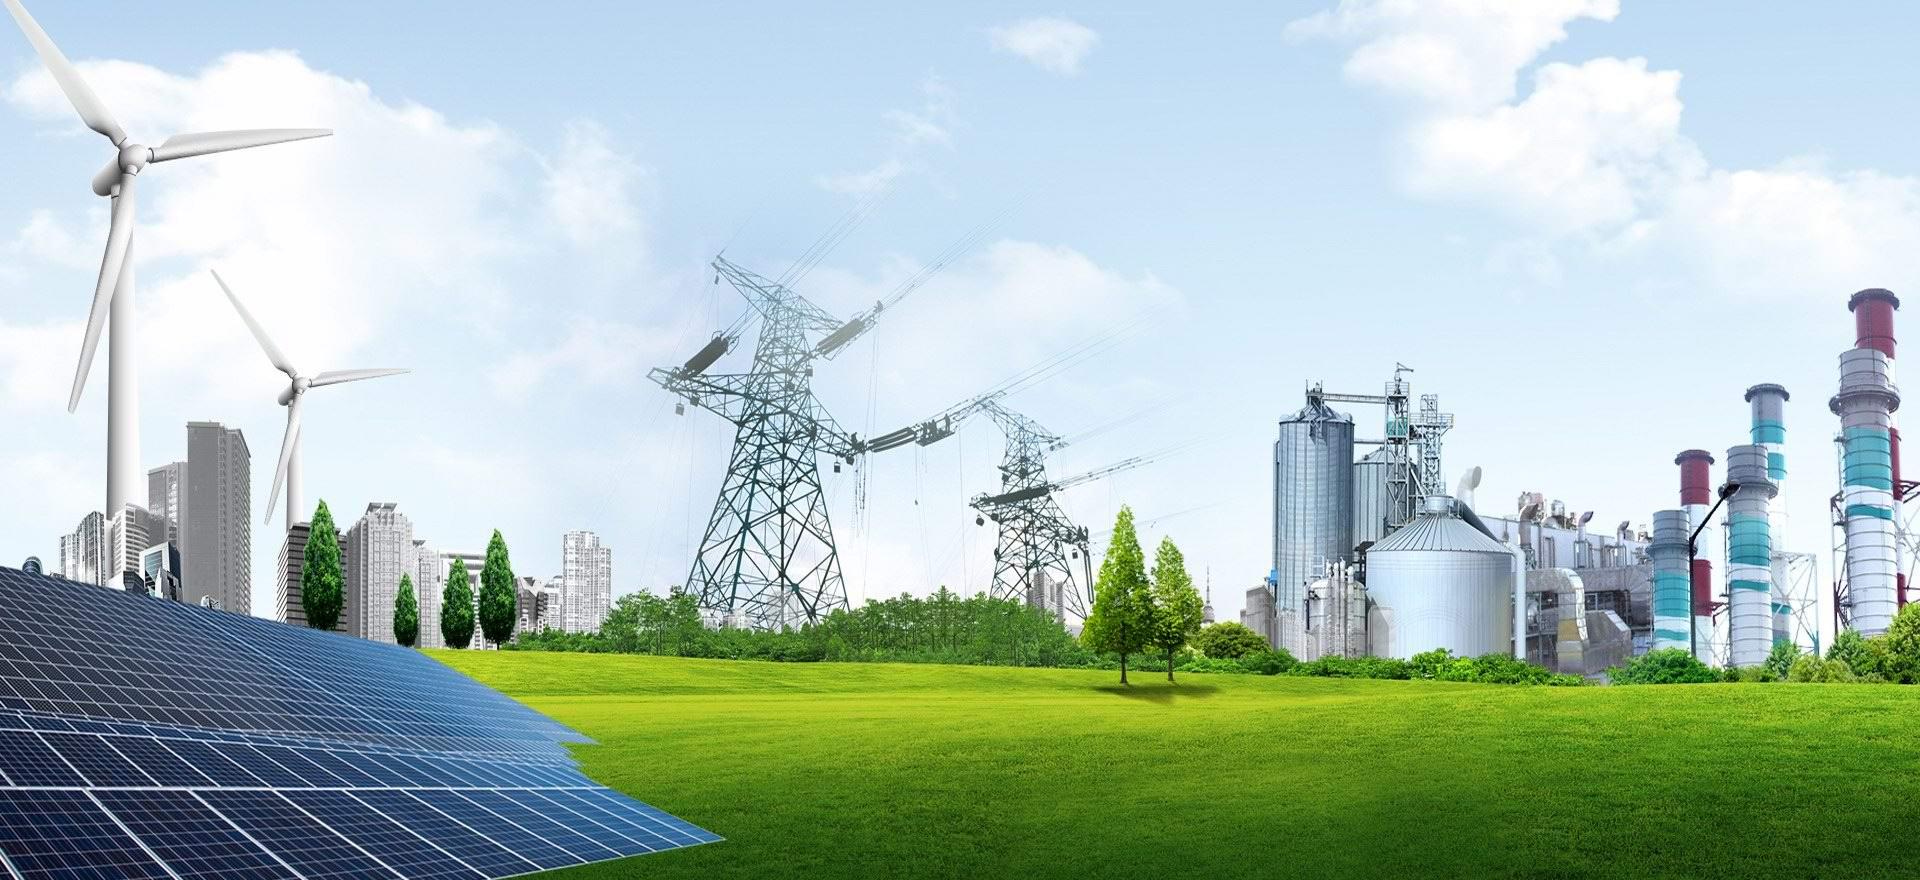 绿色能源光伏系统万博客户端app